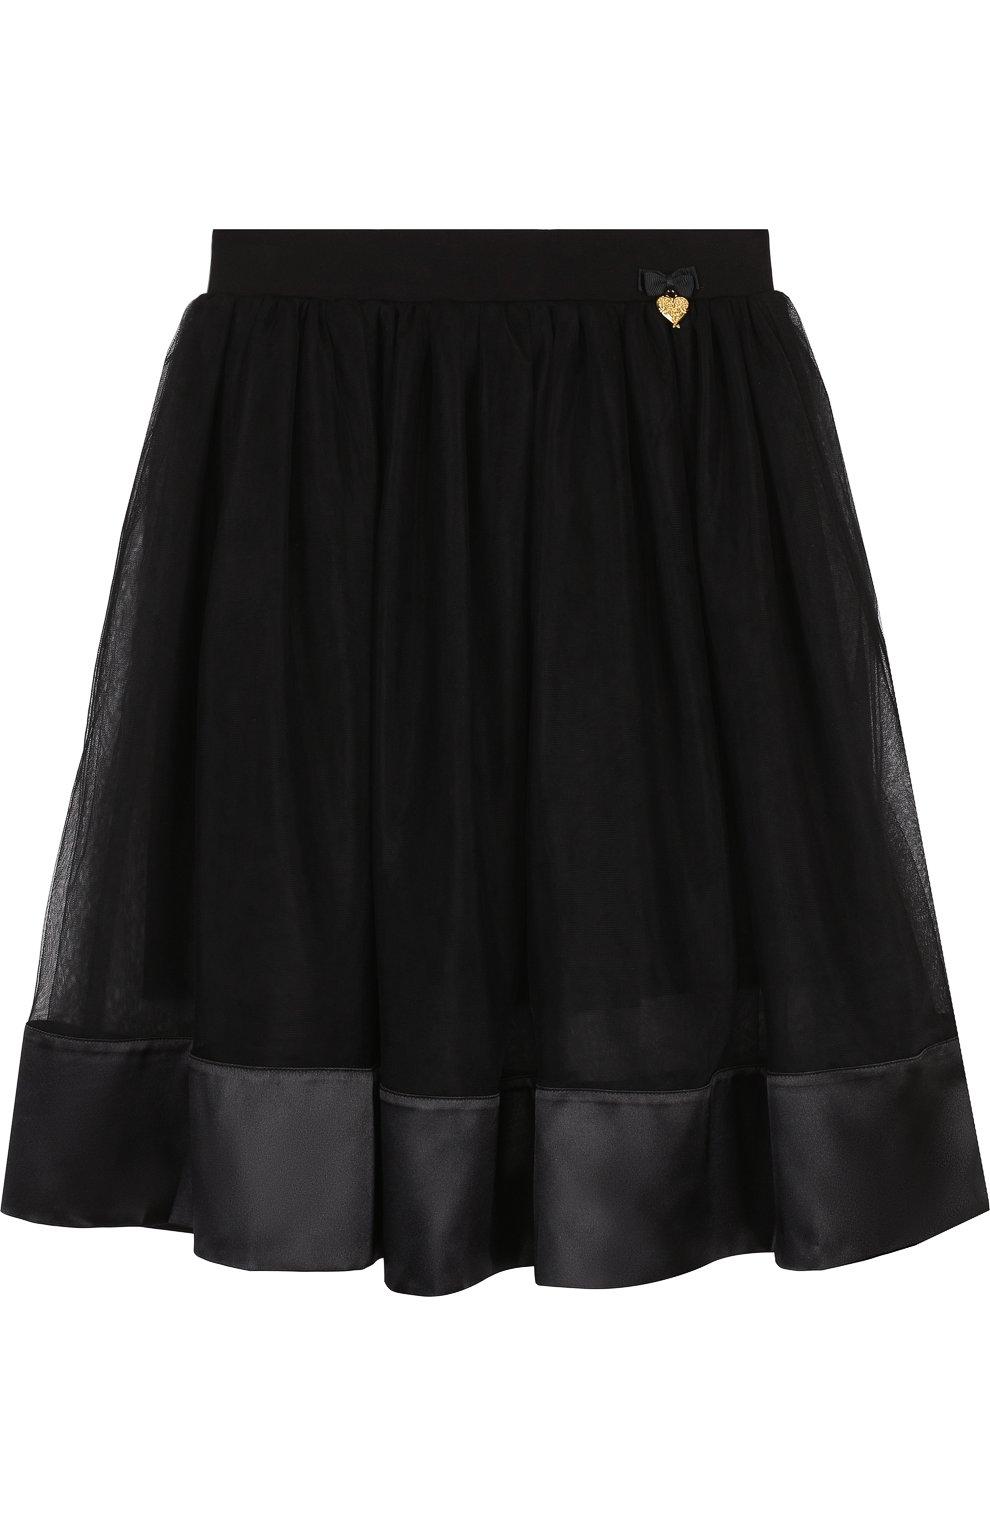 Детская многослойная юбка с отделкой ANGEL'S FACE черного цвета, арт. ELLIE/8-9 | Фото 1